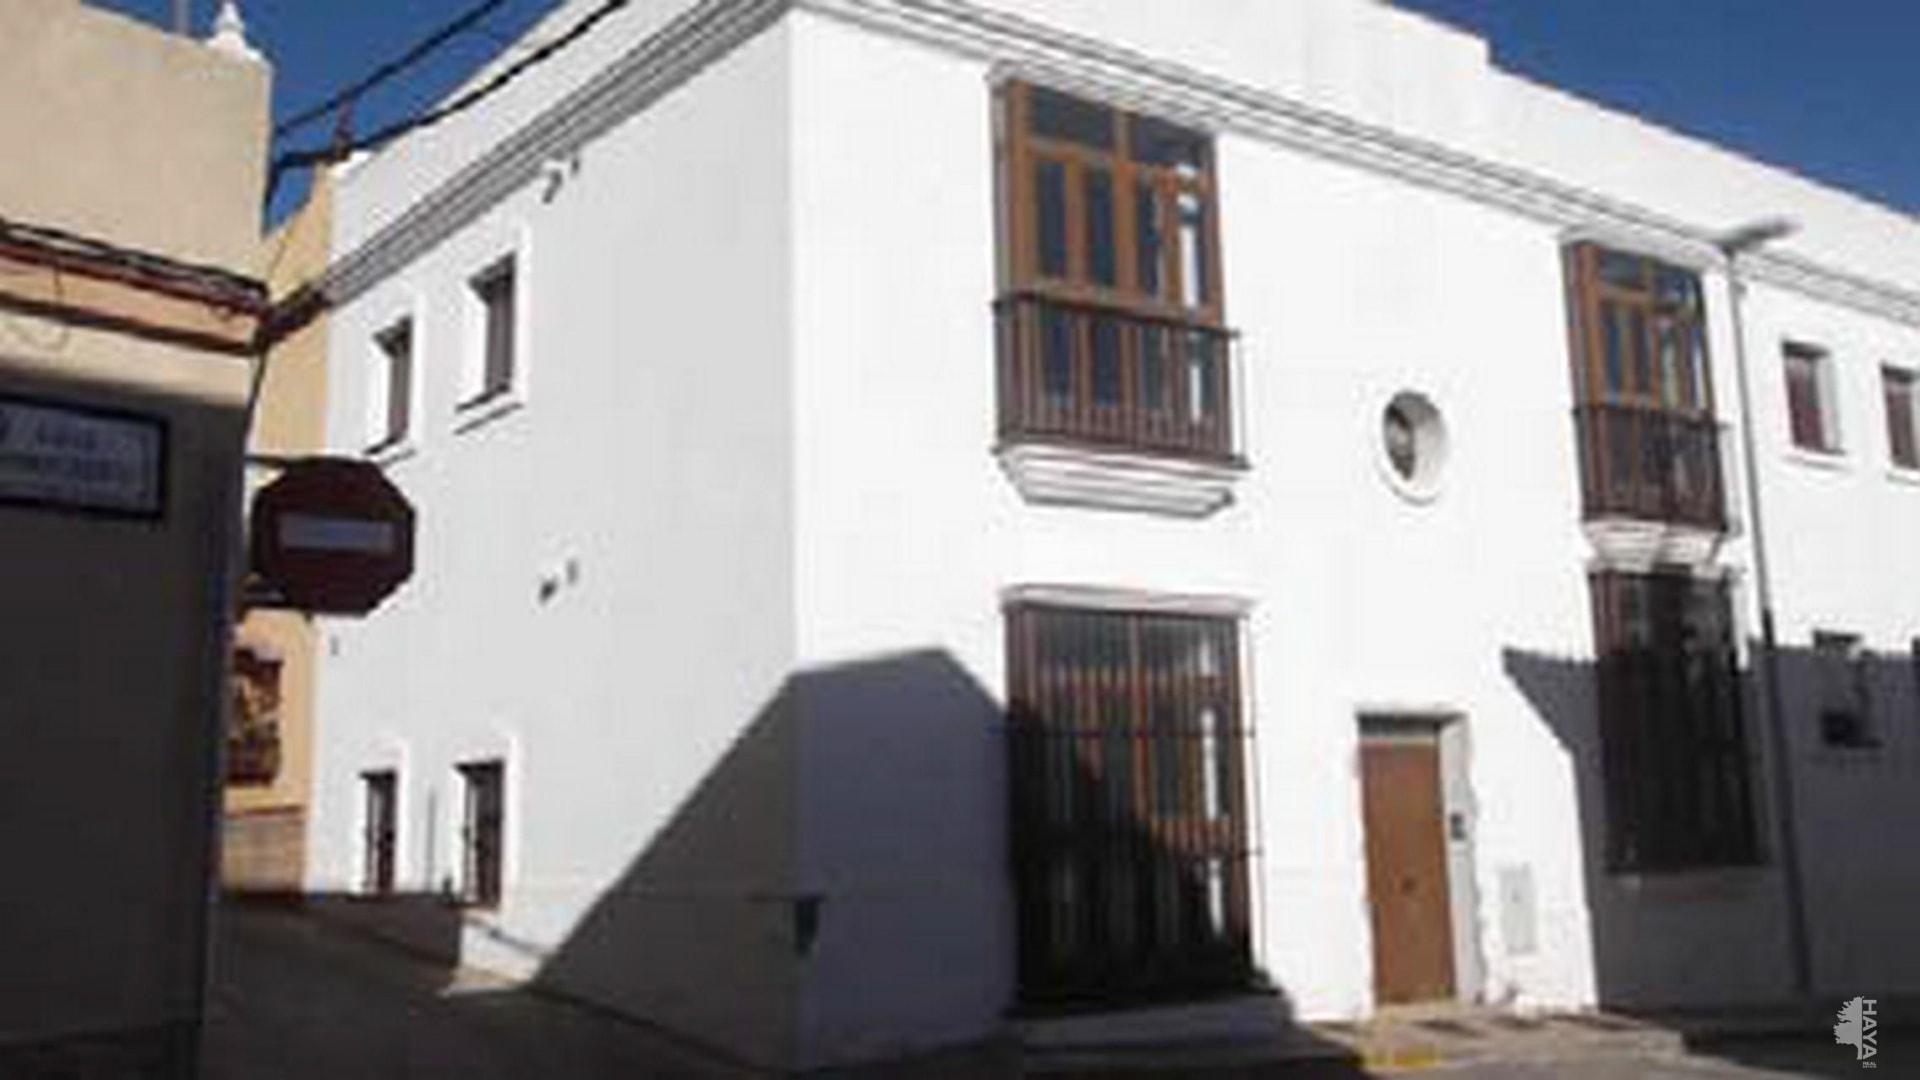 Piso en venta en Chiclana de la Frontera, Cádiz, Calle Gregorio Marañon, 59.160 €, 2 habitaciones, 1 baño, 54 m2